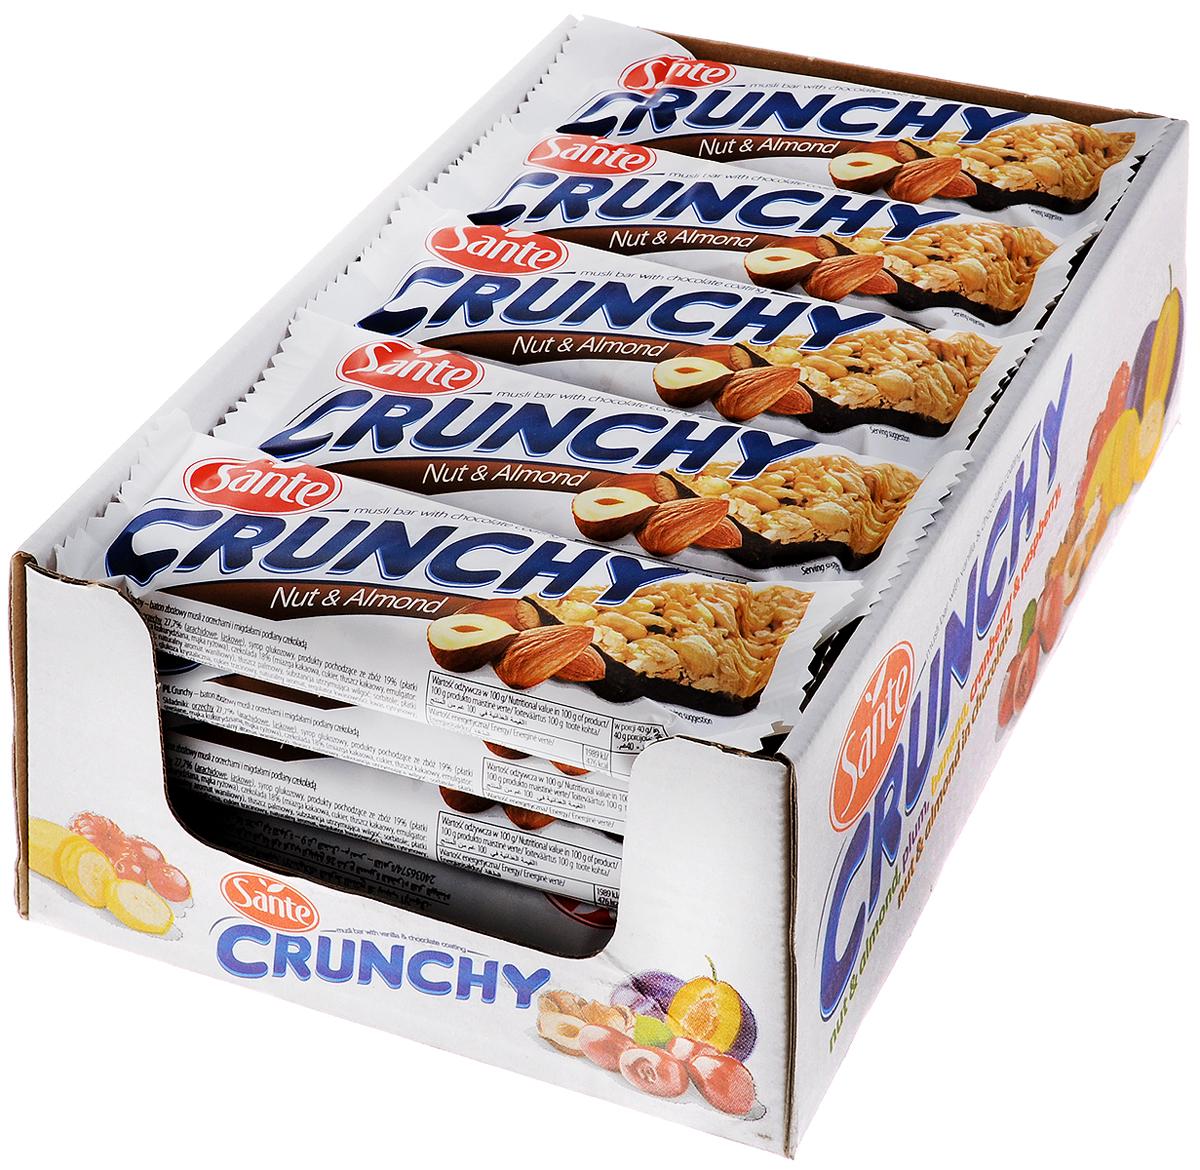 Sante Crunchy батончикмюслисорехамииминдалем в шоколаде,40г (25 шт)4620000671732БатончикмюслиSante Crunchy имеет высокую питательную ценность и прекрасные вкусовые качества. Батончики являются прекрасной альтернативой высококалорийным шоколадным батончикам.